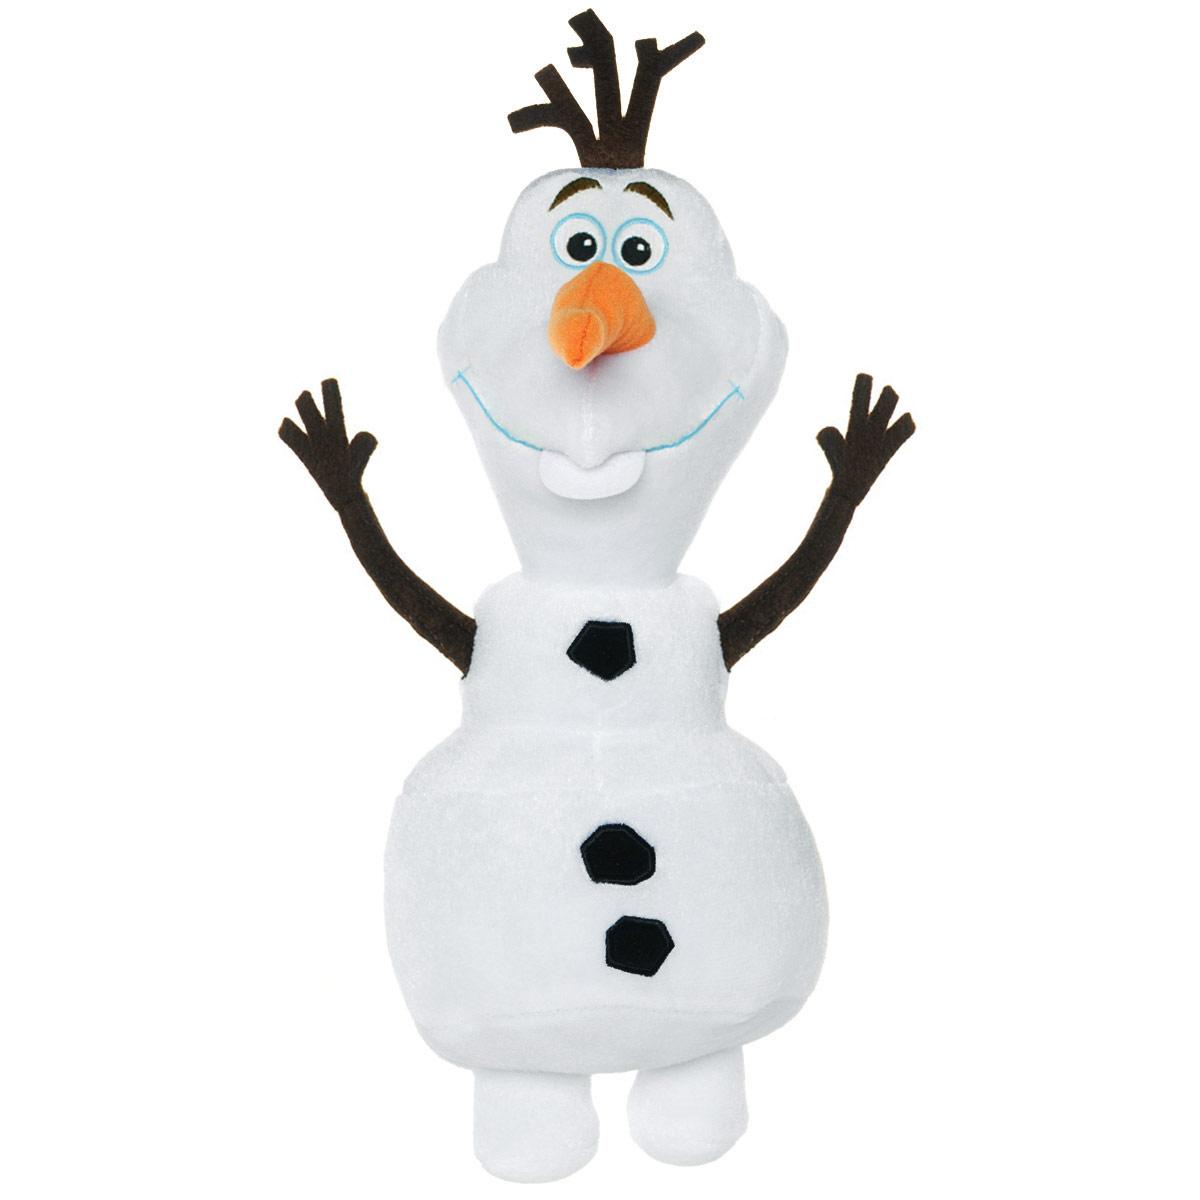 Disney Frozen Мягкая озвученная игрушка Снеговик Олаф 39,5 см74861пцМягкая игрушка Disney Frozen Снеговик Олаф станет любимой игрушкой вашего ребенка. Она выполнена в виде Олафа - добродушного снеговика из мультфильма Холодное Сердце от компании Дисней. Игрушка удивительно приятна на ощупь. Она изготовлена из мягкого текстильного материала, глазки вышиты нитками, ручки и макушка снеговика выполнены из фетра. Если нажать на снеговика, он произнесет одну из фраз: Здравствуйте, я - Олаф, люблю жаркие объятия. Ух ты! Класс! Я не чувствую ног! Я не чувствую своих ног. Чудесная мягкая игрушка принесет радость и подарит своему обладателю мгновения нежных объятий и приятных воспоминаний. Олаф забавно хихикает и дрожит. Рекомендуется докупить 3 батарейки напряжением 1,5V типа AA (товар комплектуется демонстрационными).